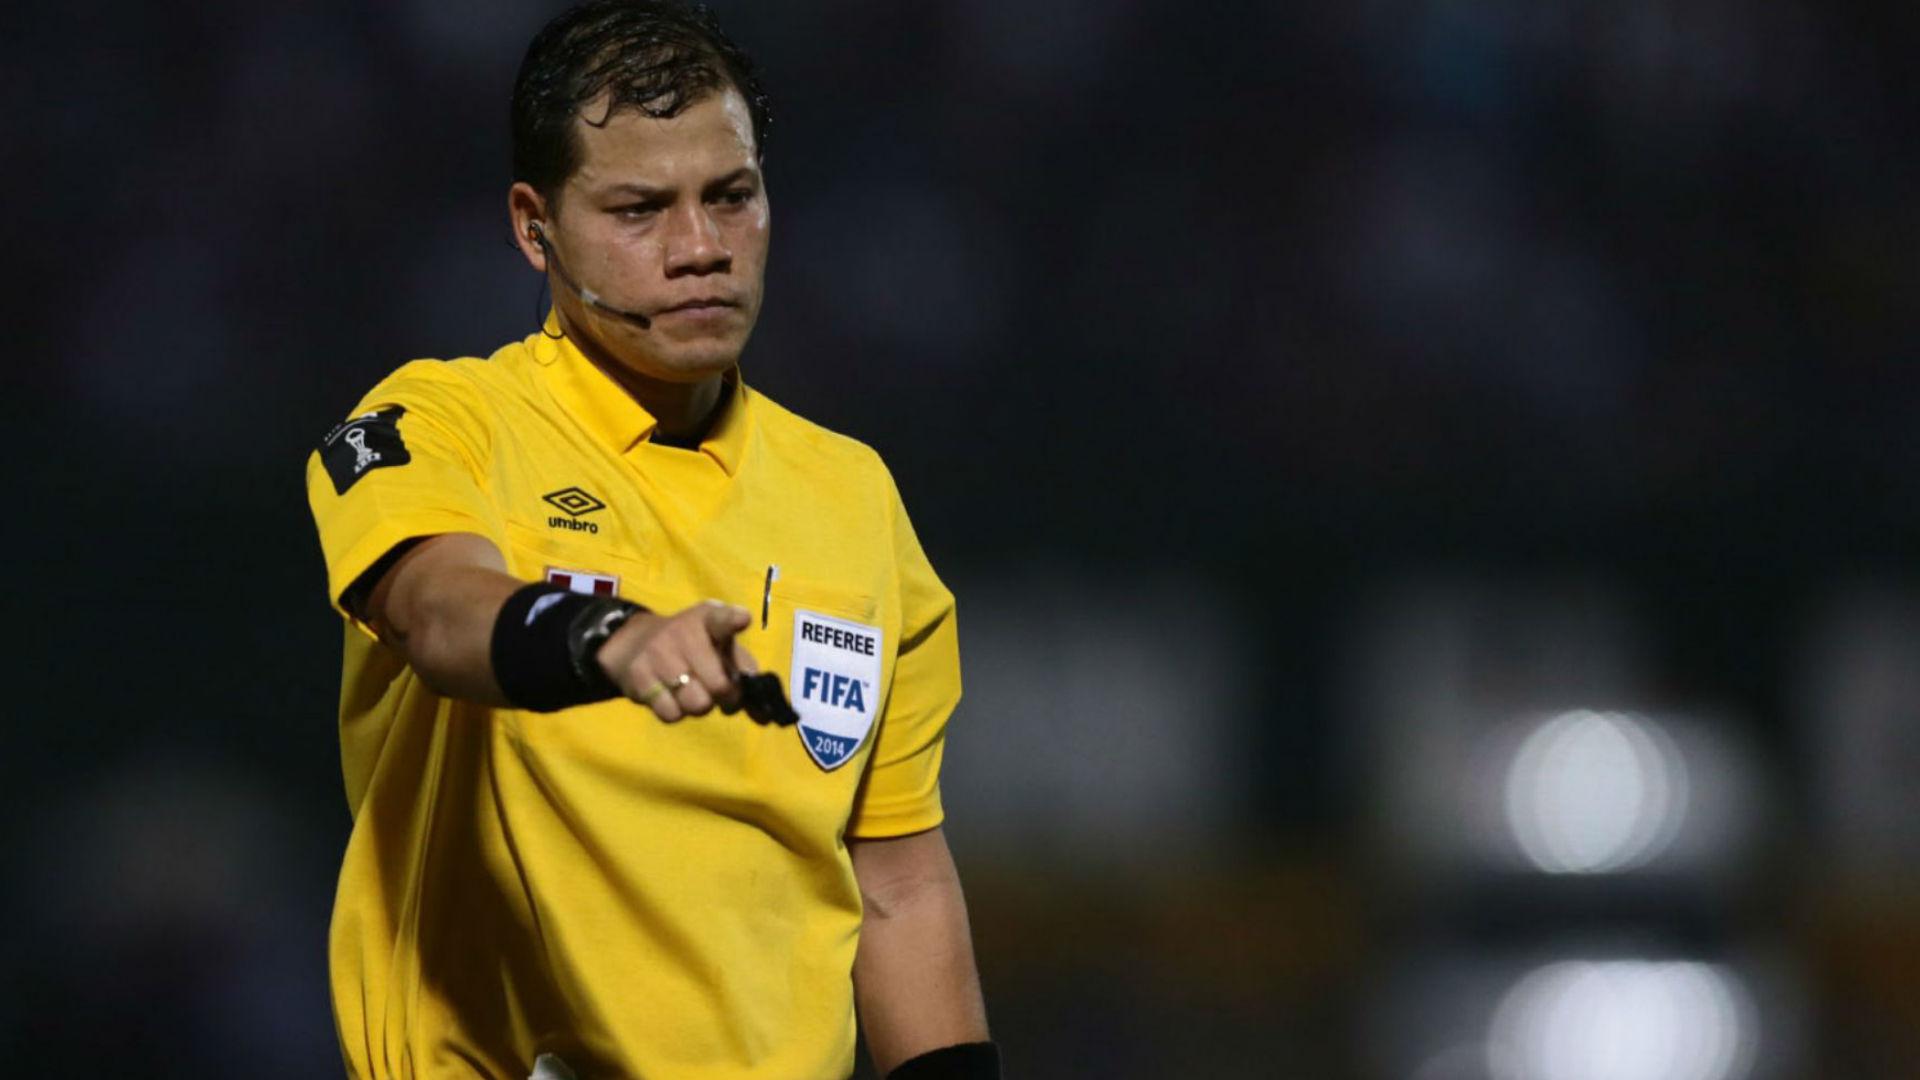 Víctor Carrillo arbitro peruano CONMEBOL